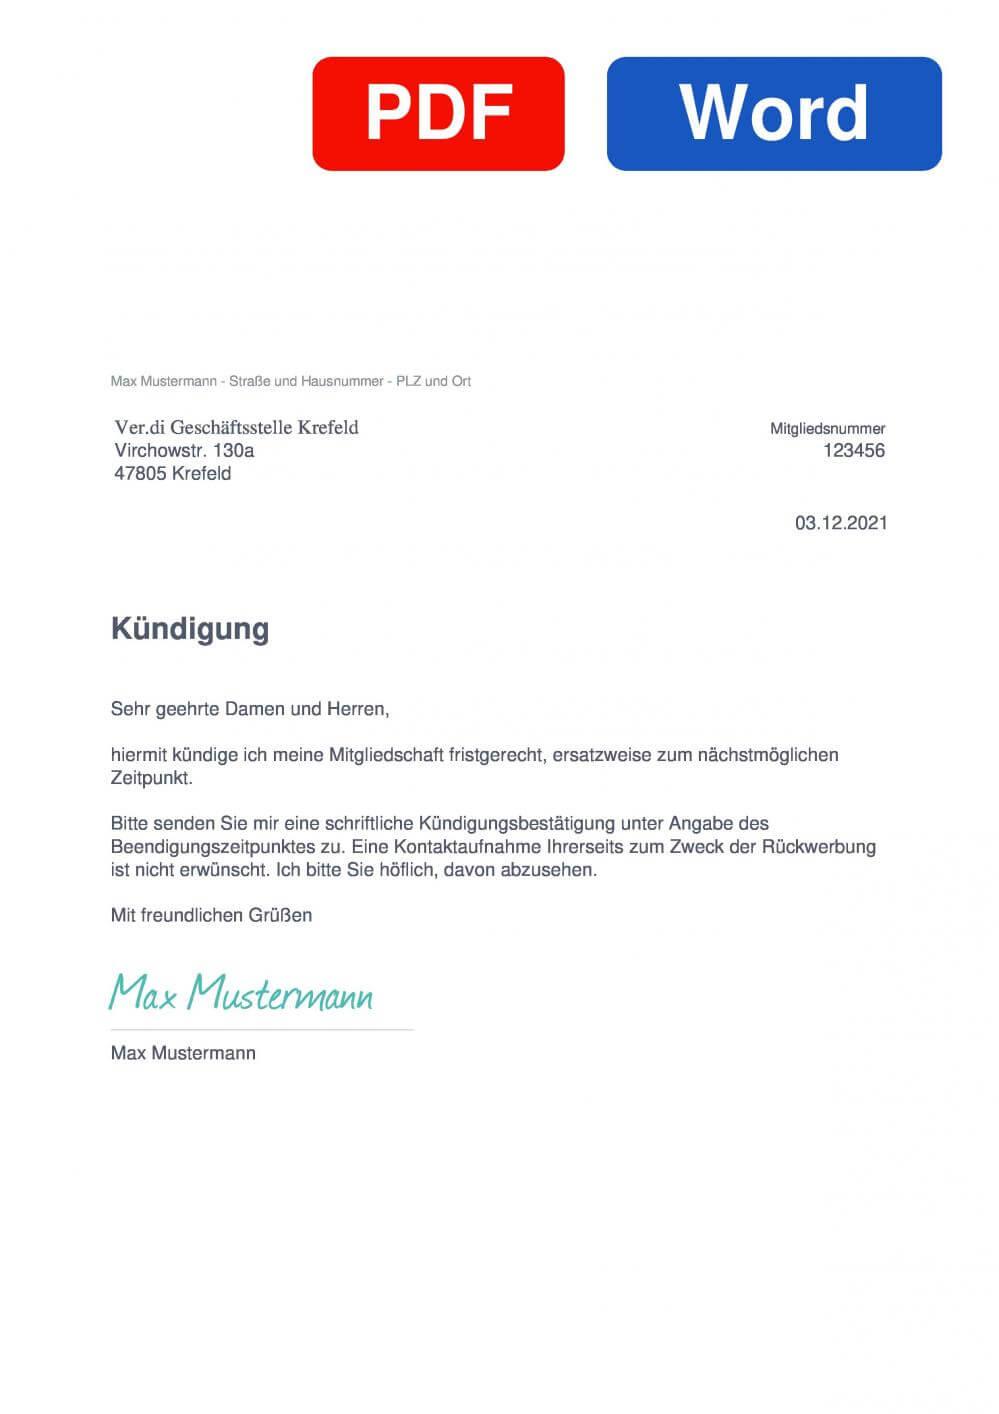 Verdi Krefeld Muster Vorlage für Kündigungsschreiben